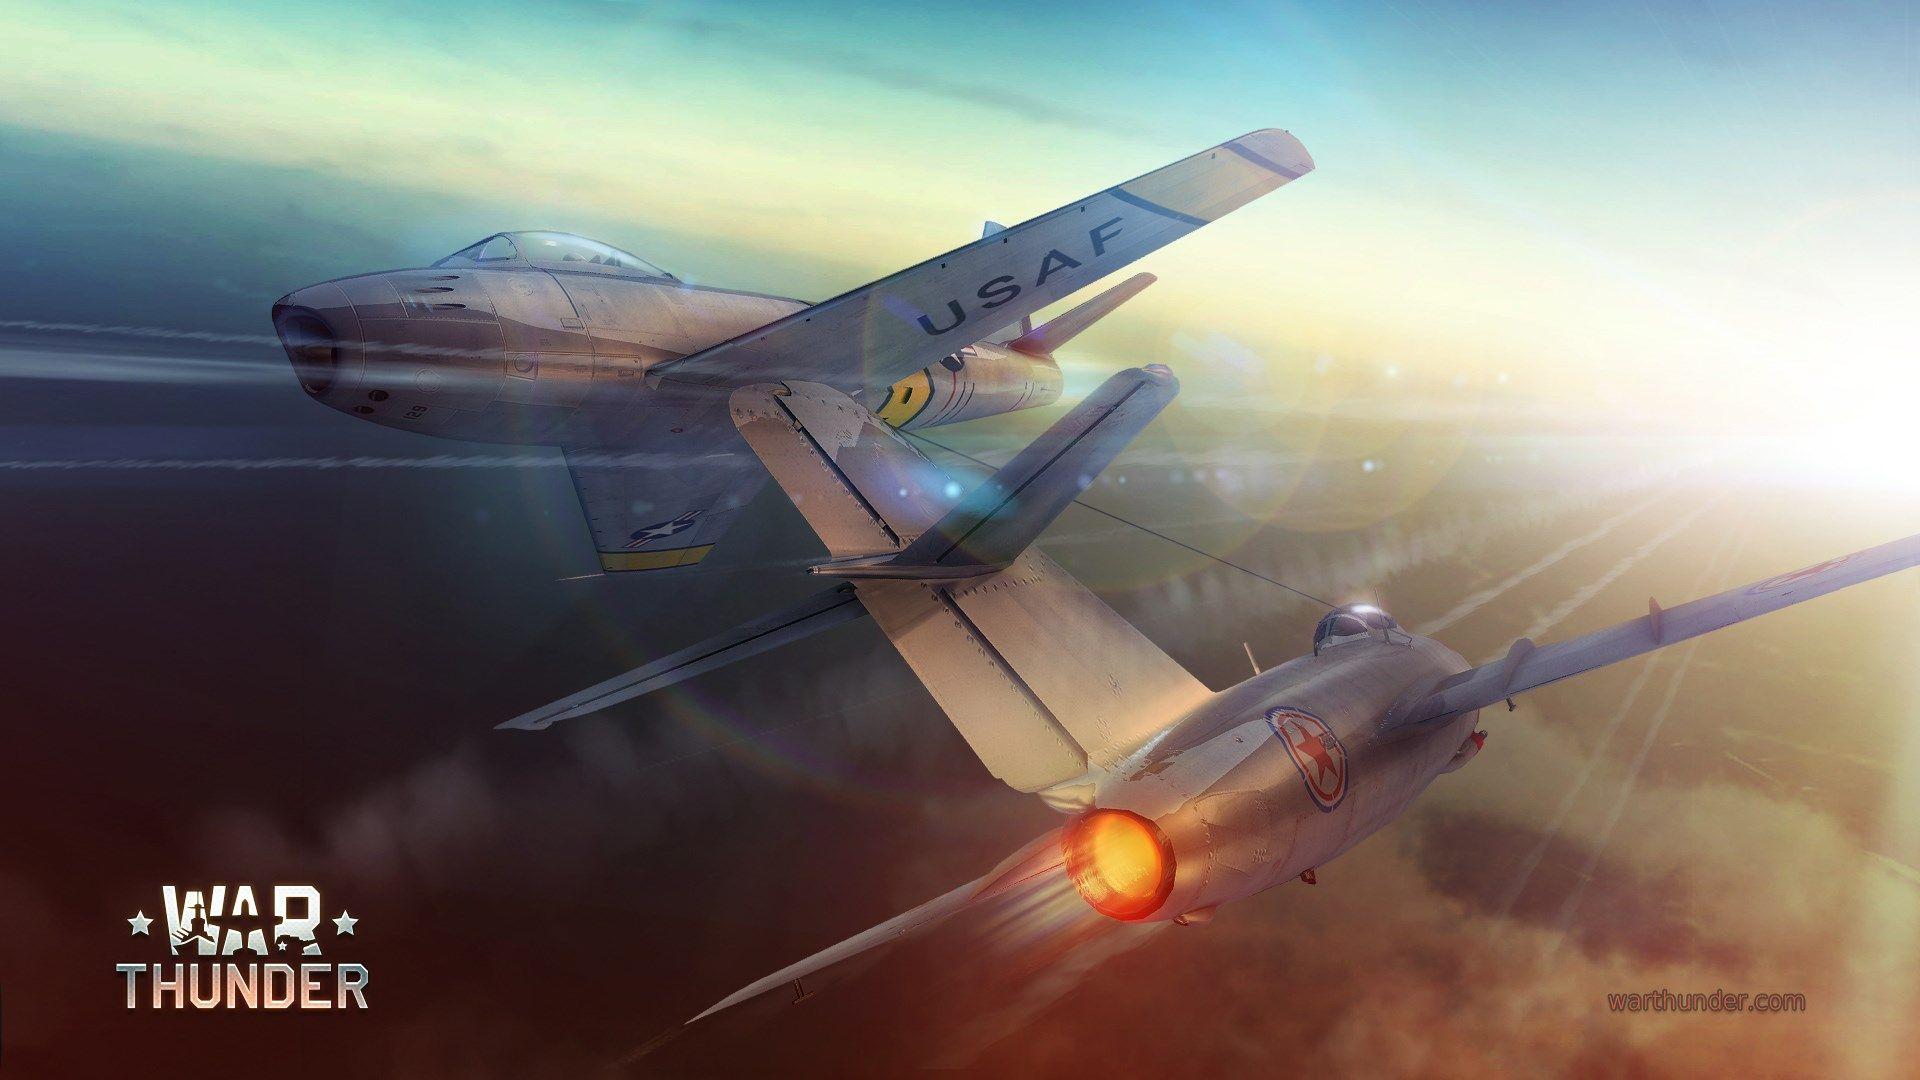 Обои Ме-410, war thunder, Самолёт, истребитель, война, Облака. Игры foto 12